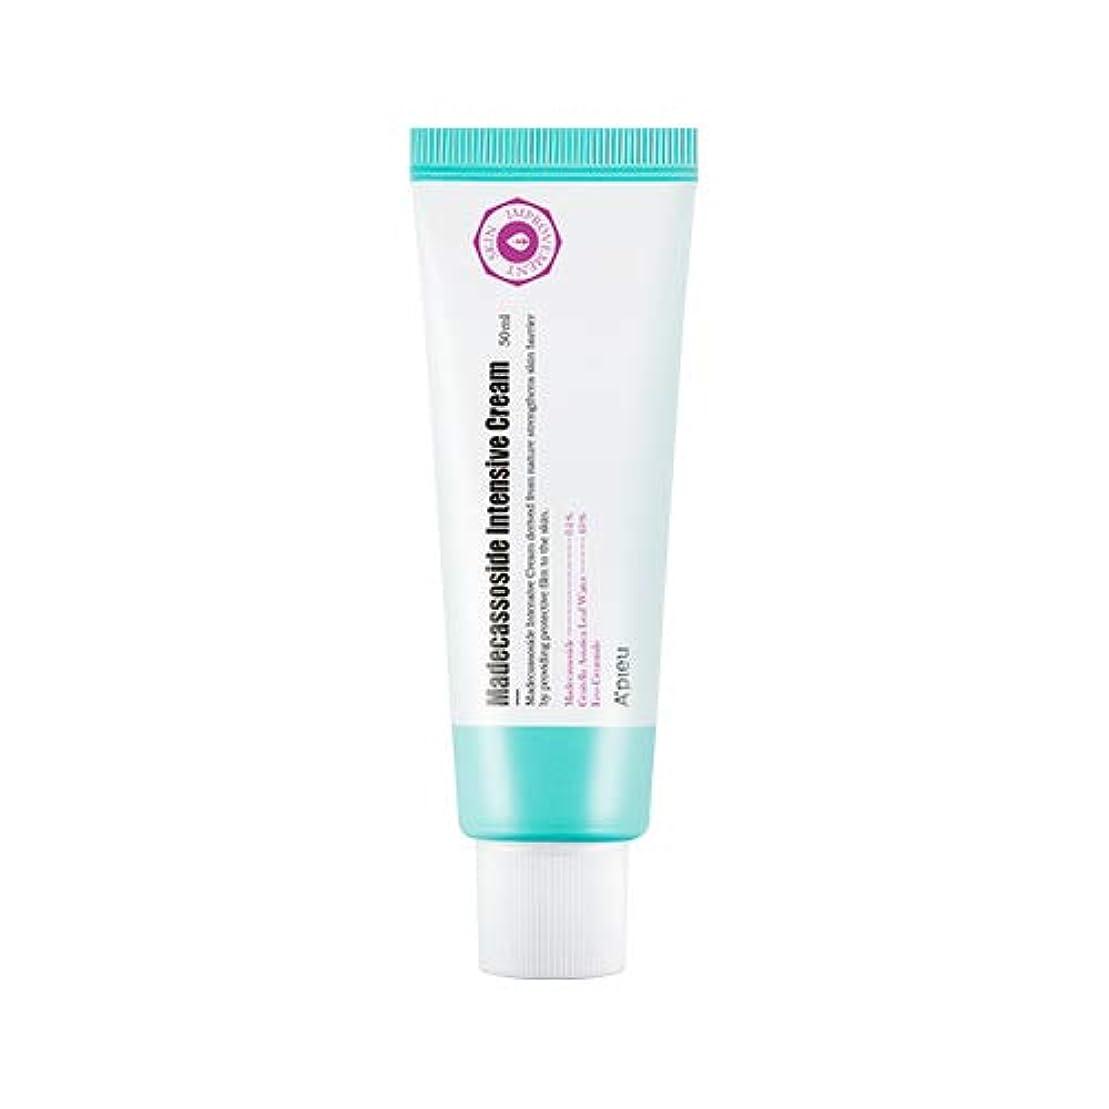 アピュ マデカソシド インテンシブクリーム 50ml / APIEU Madecassoside Intensive Cream 50ml [並行輸入品]